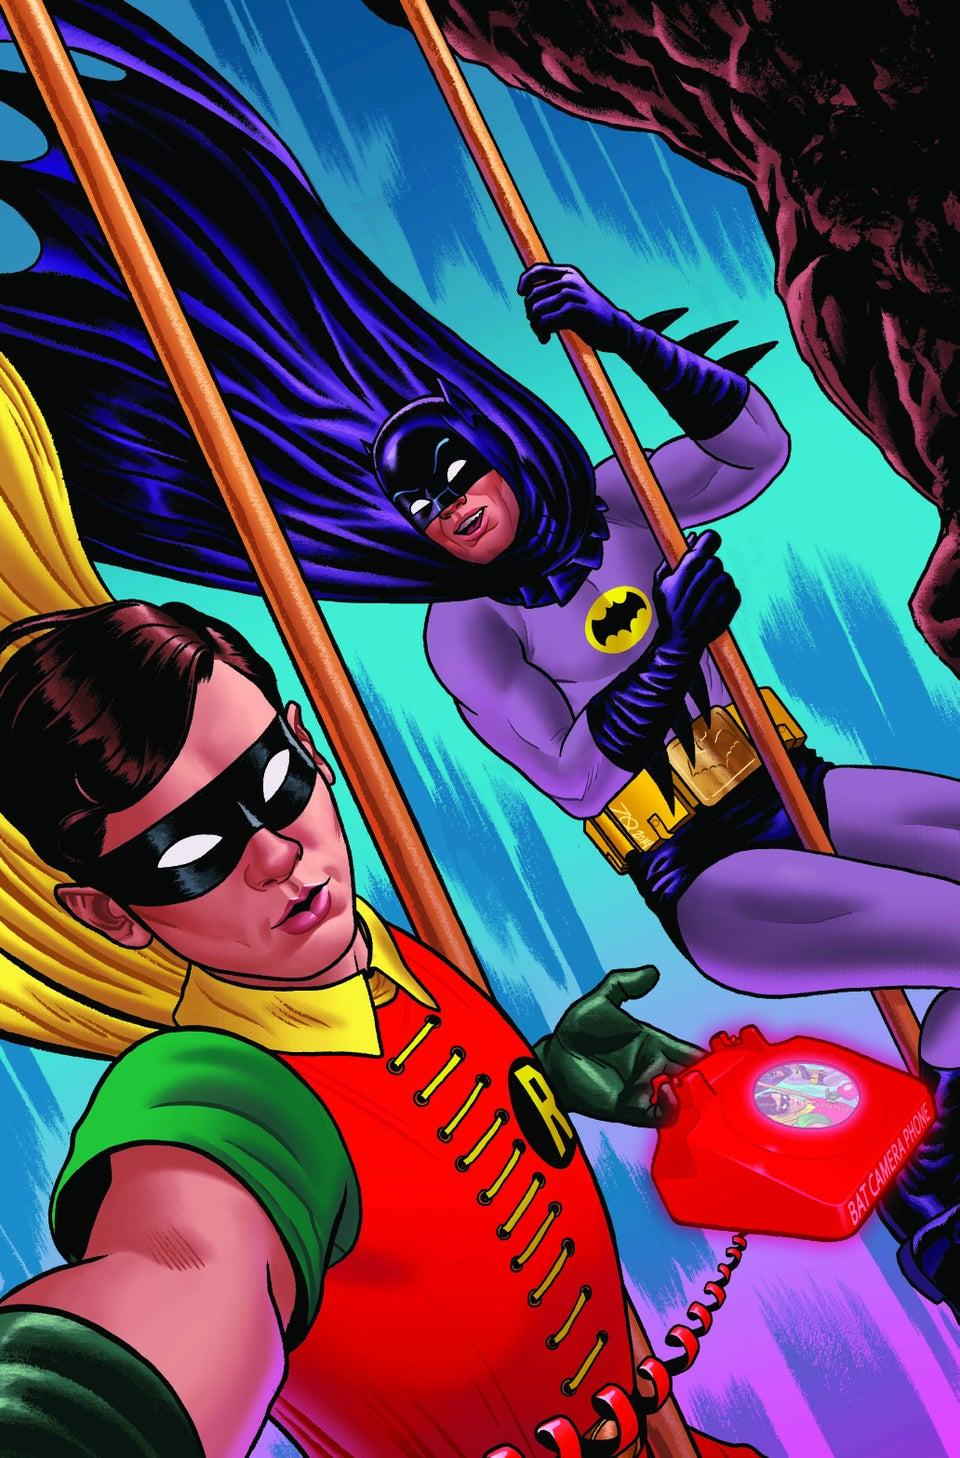 [DC COMICS] Publicaciones Universo DC: Discusión General Batman66selfiequinonessmalljpg-0d228e_960w